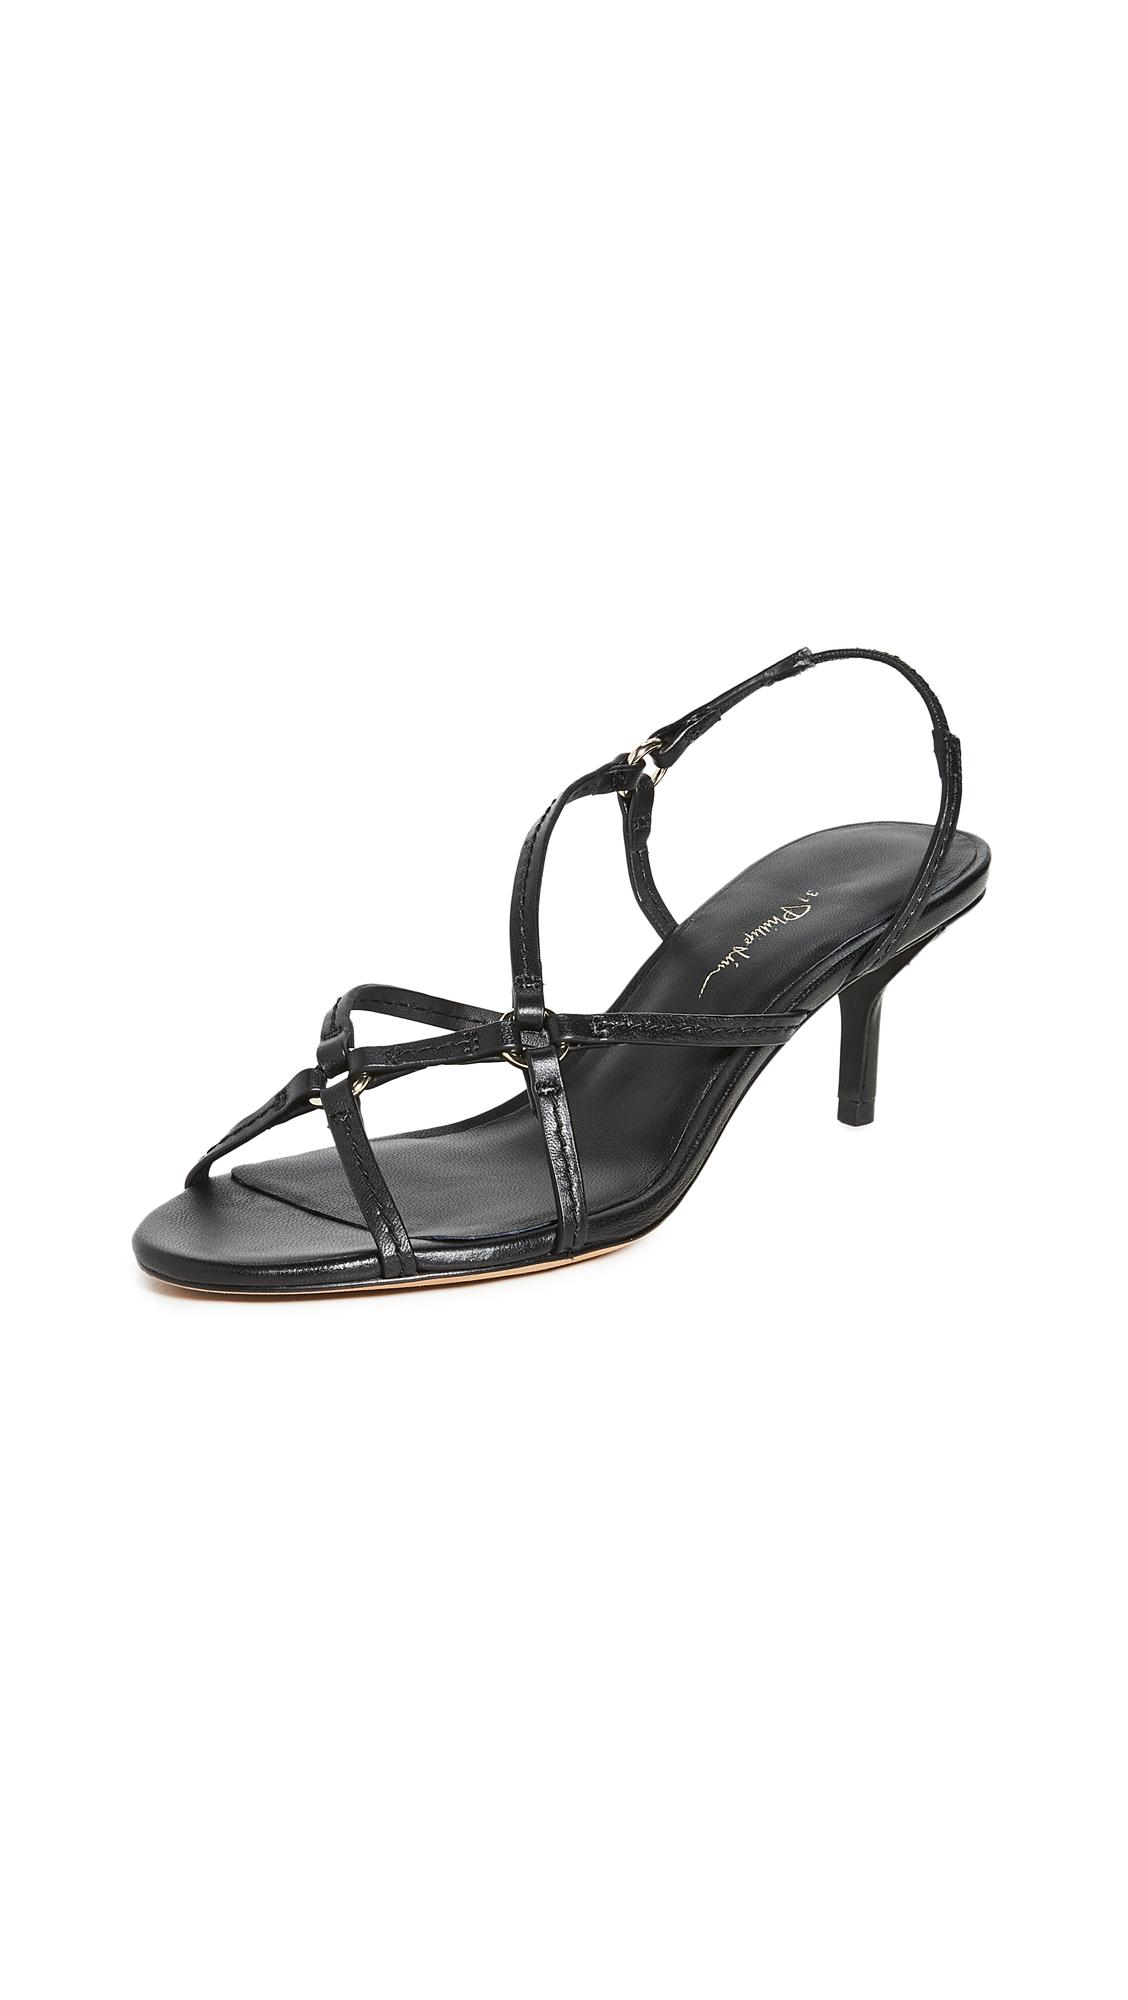 Buy 3.1 Phillip Lim Louise Strappy Sandals 60mm online, shop 3.1 Phillip Lim